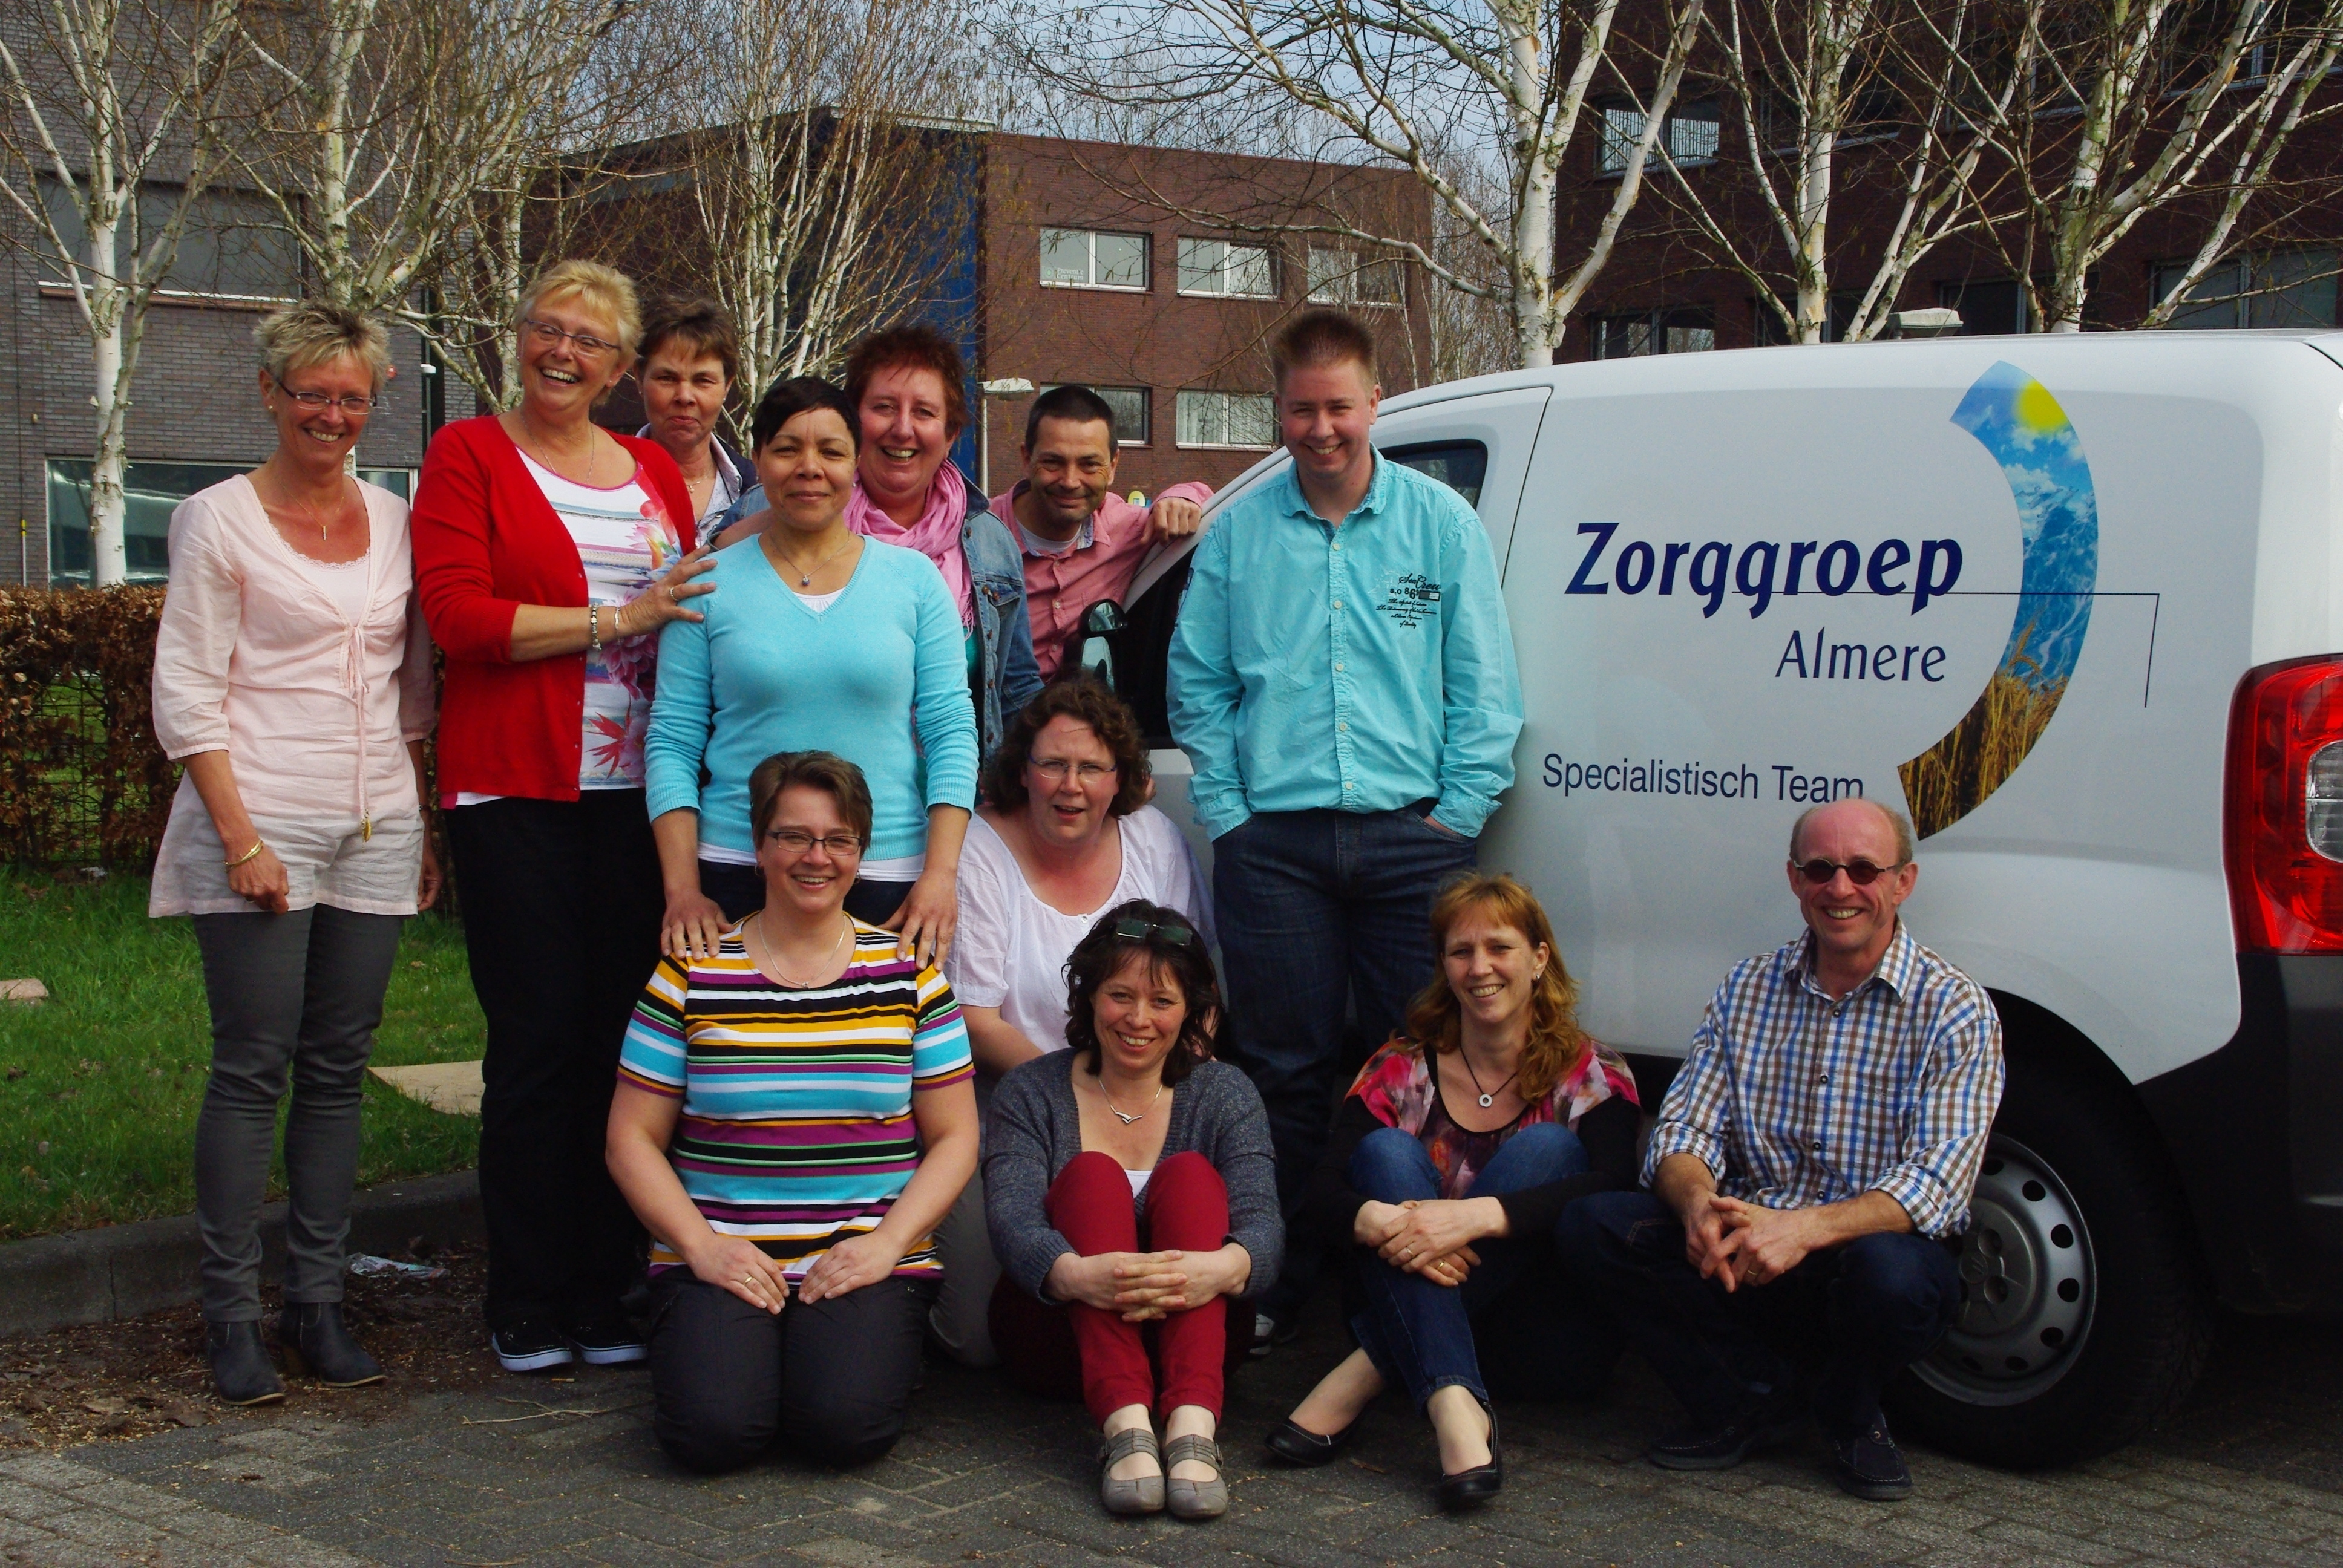 Specialistisch team Zorggroep Almere